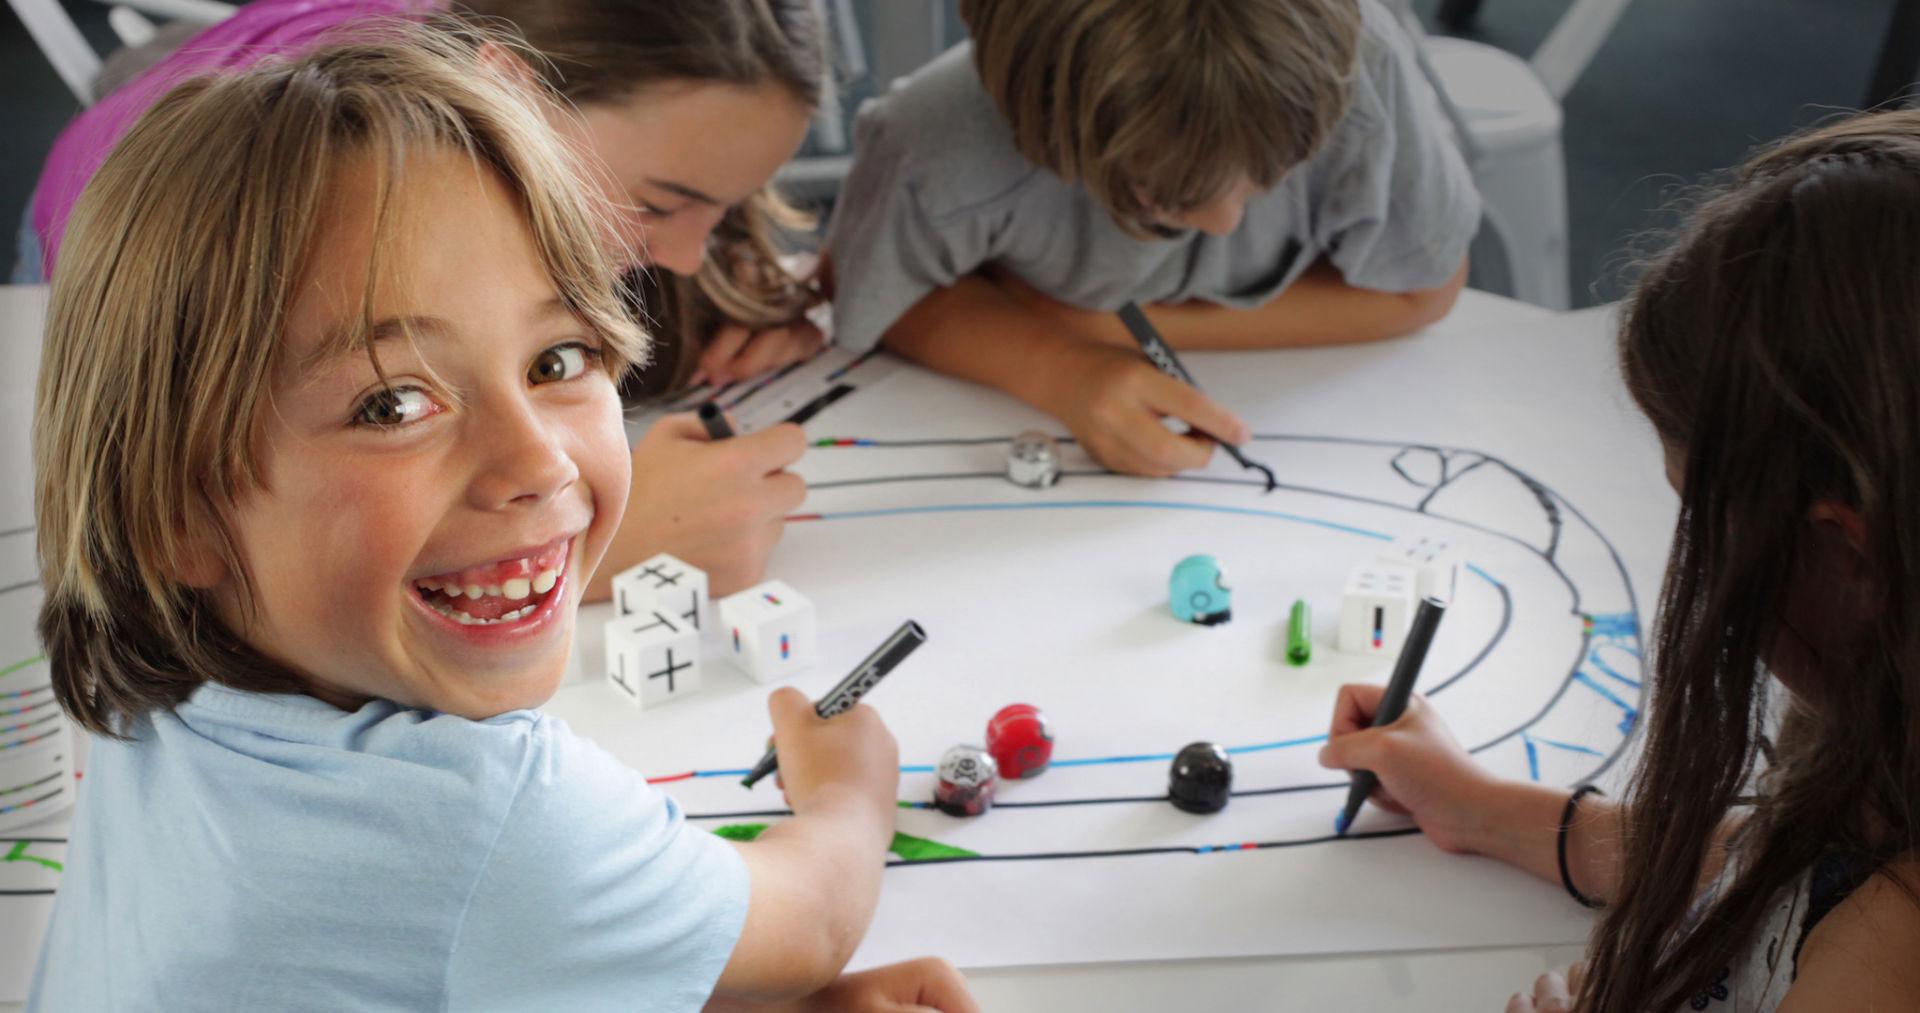 子供向けプログラミング体験教室 ~子供の選択肢・可能性を広げるために~